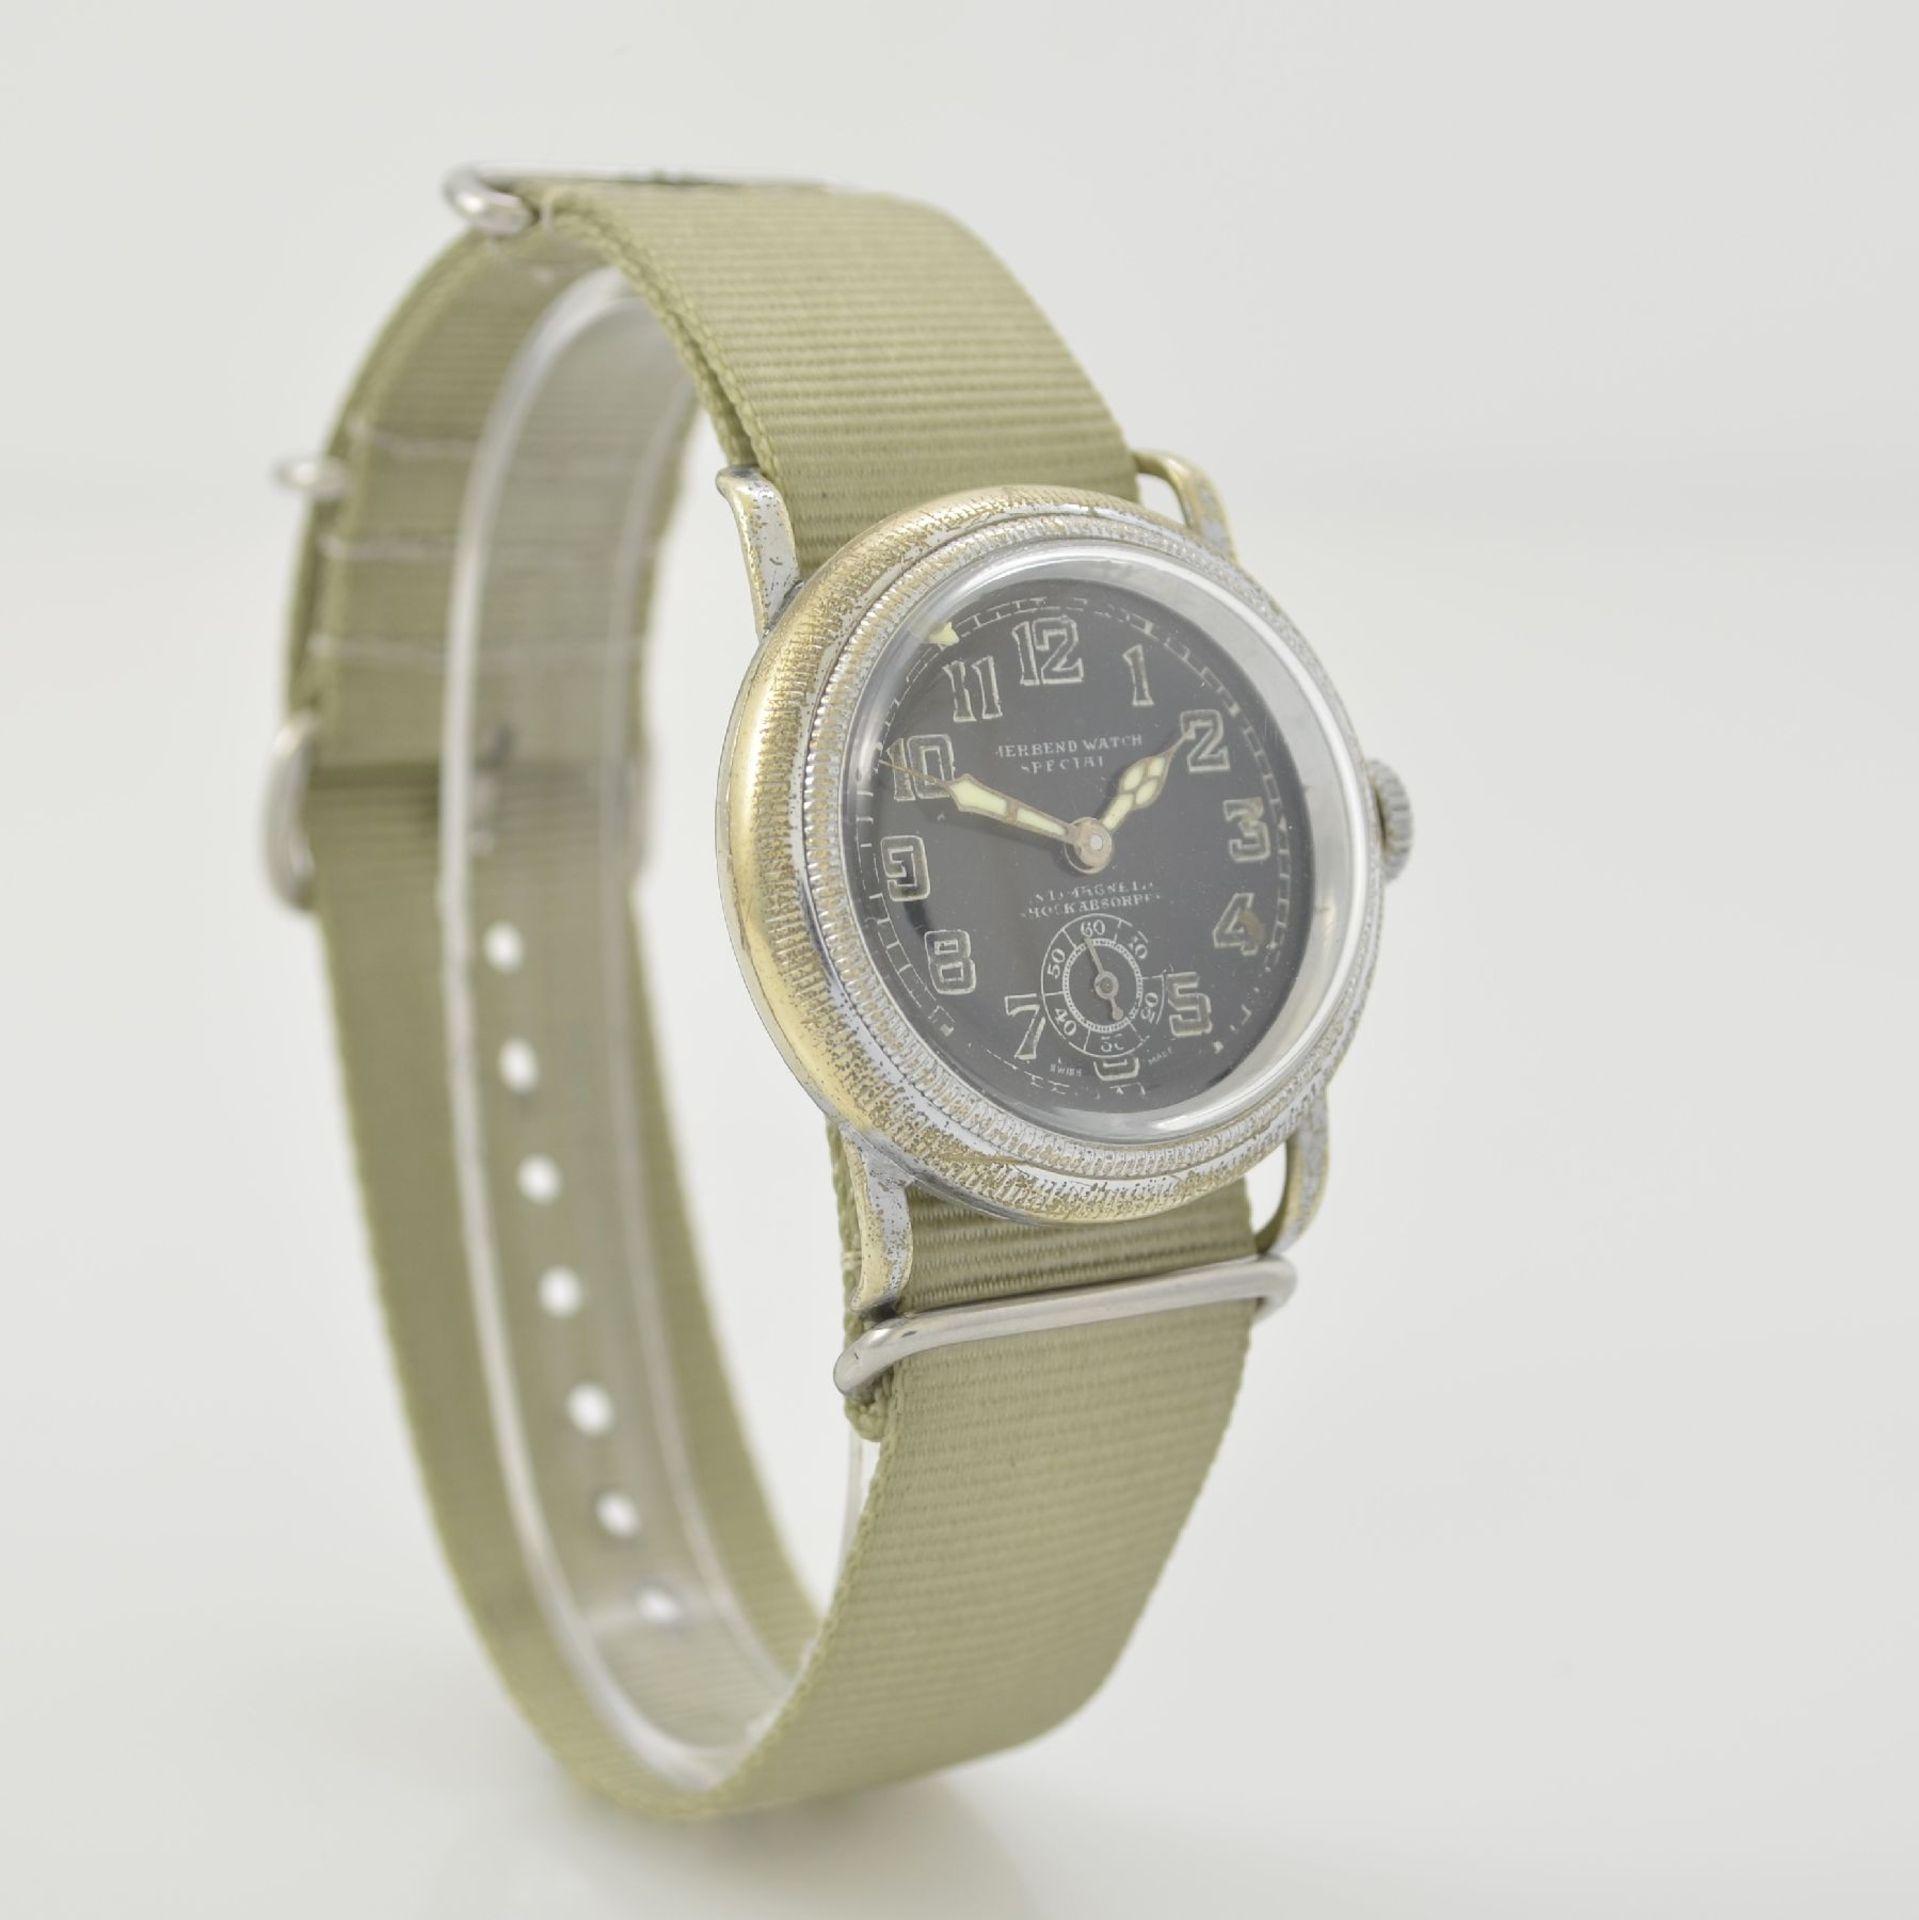 MERBEND WATCH Spezial Antimagnetic Schockabsorber Armbanduhr im Fliegerdesign, Schweiz um 1935, - Bild 4 aus 6